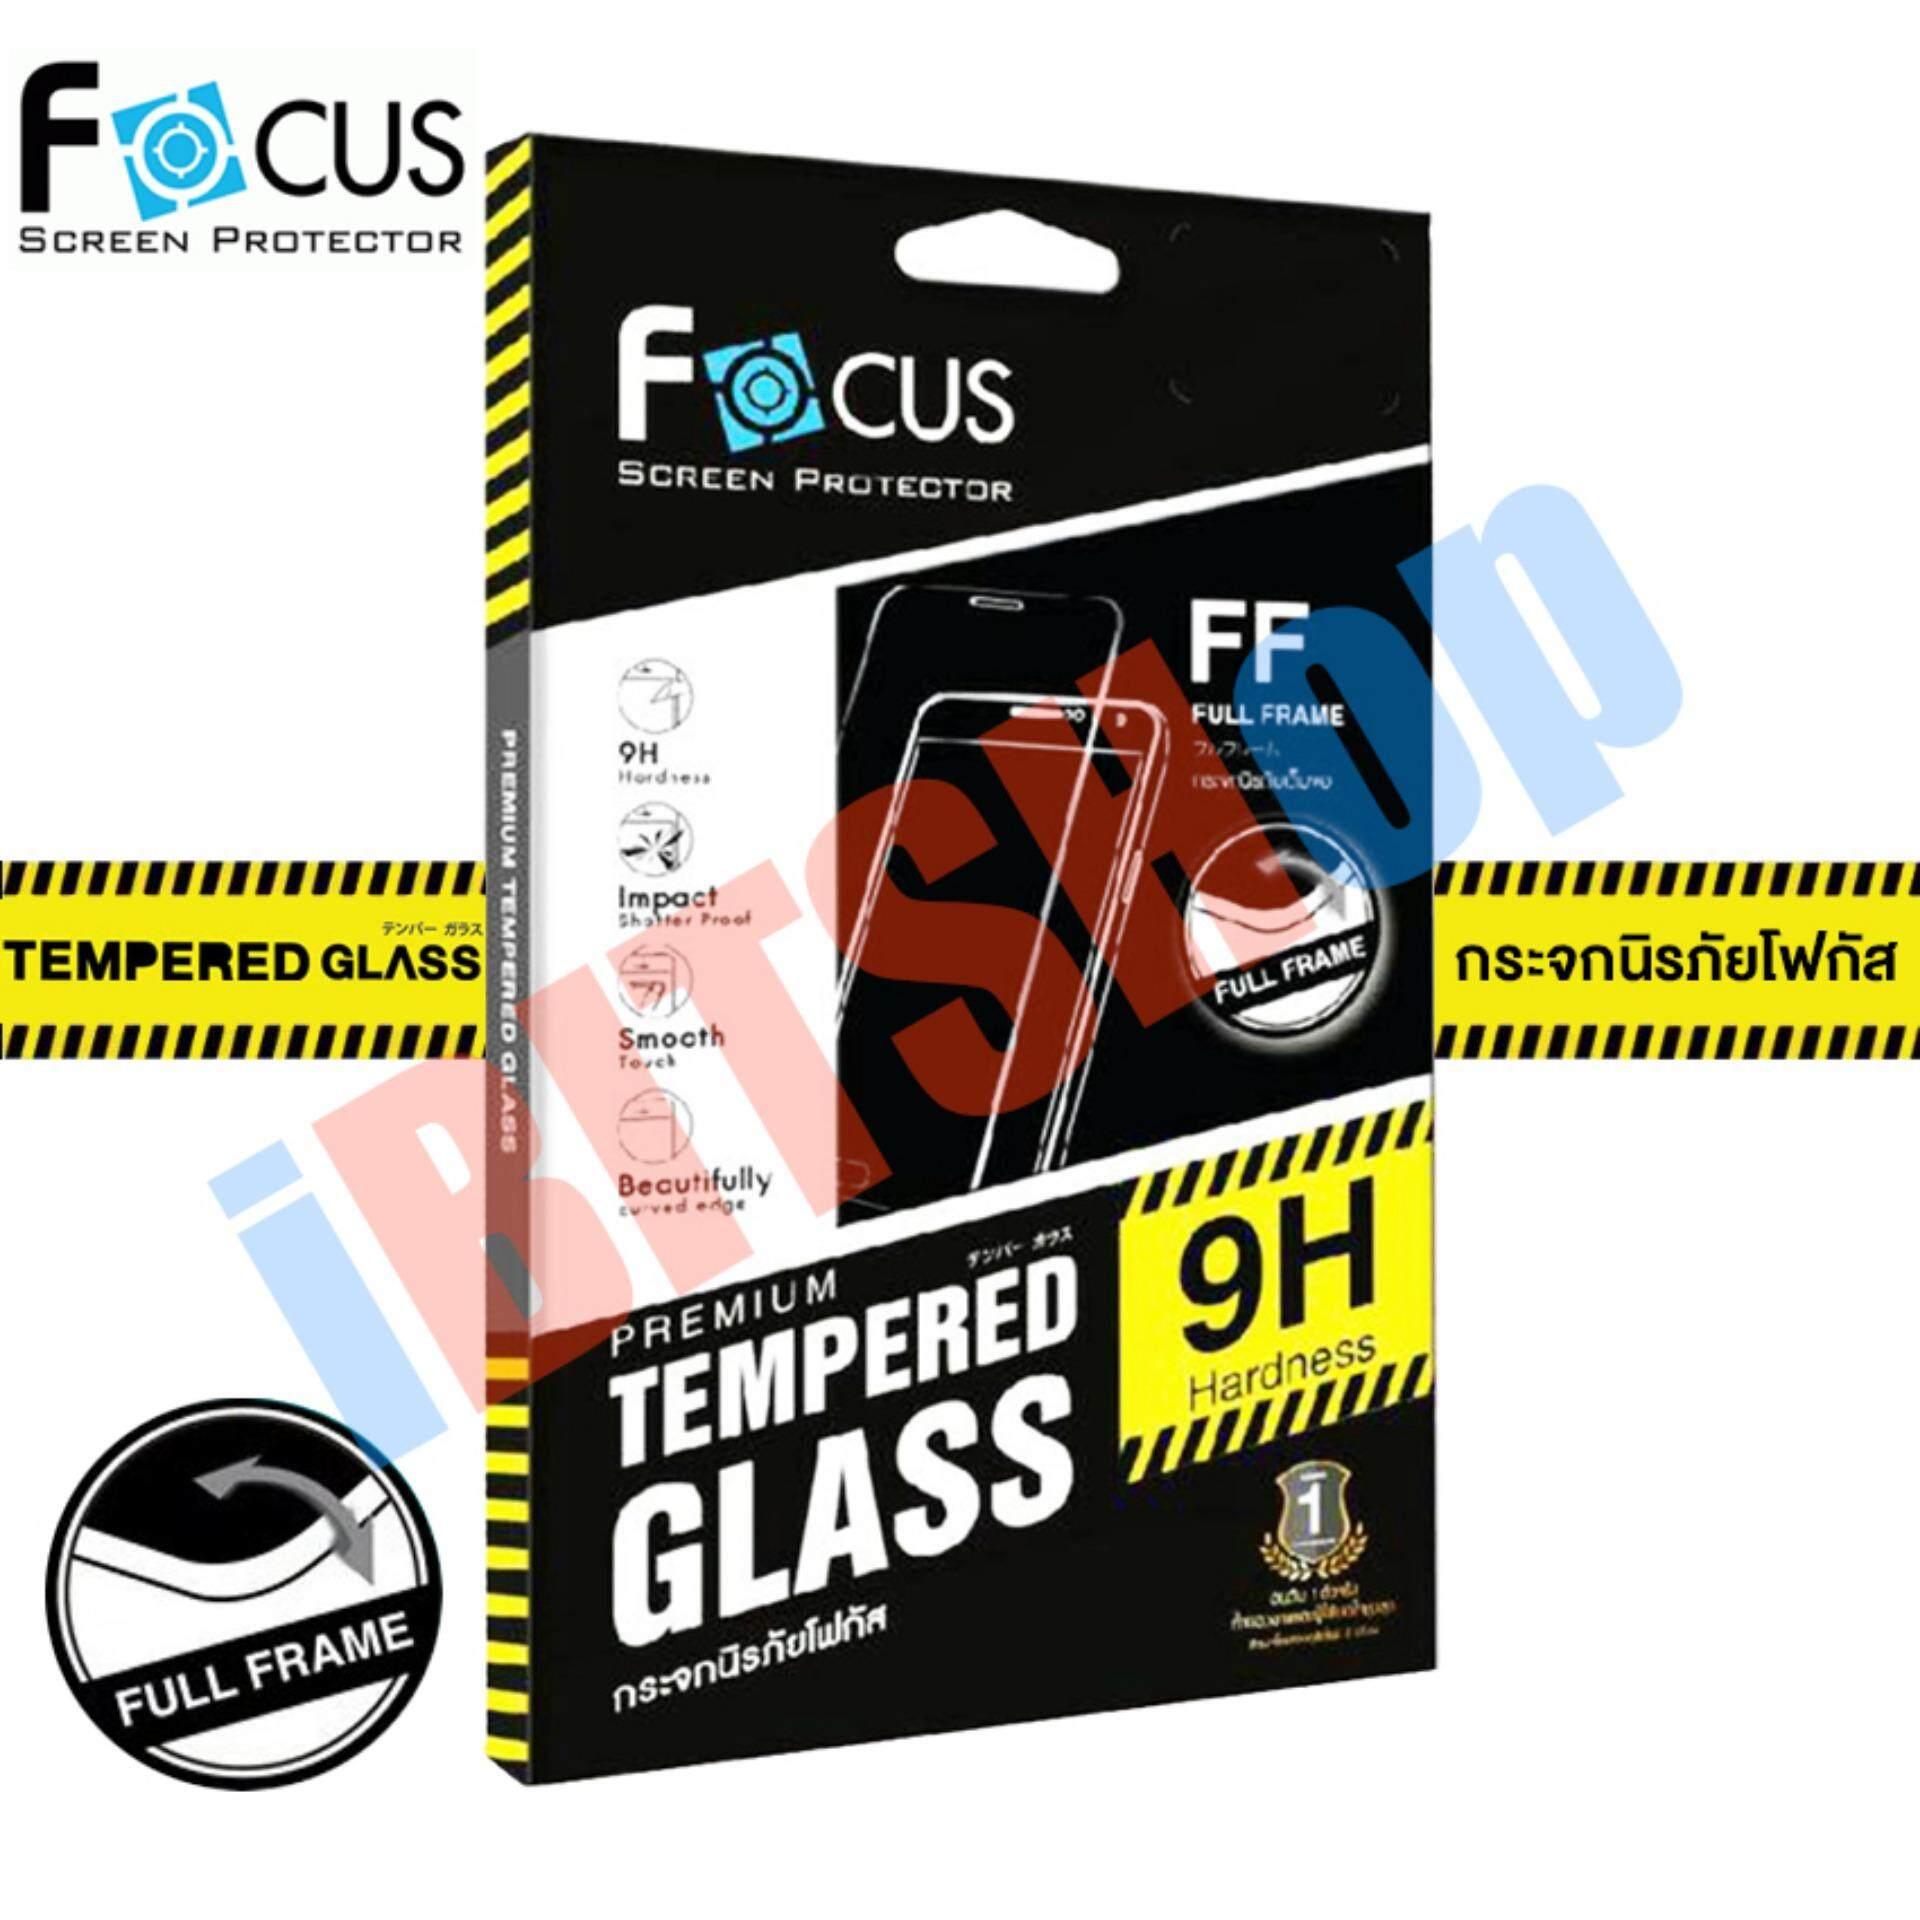 ทบทวน Focus กระจกนิรภัย แบบเต็มจอ Full Frame Huawei Gr5 2017 สีขาว